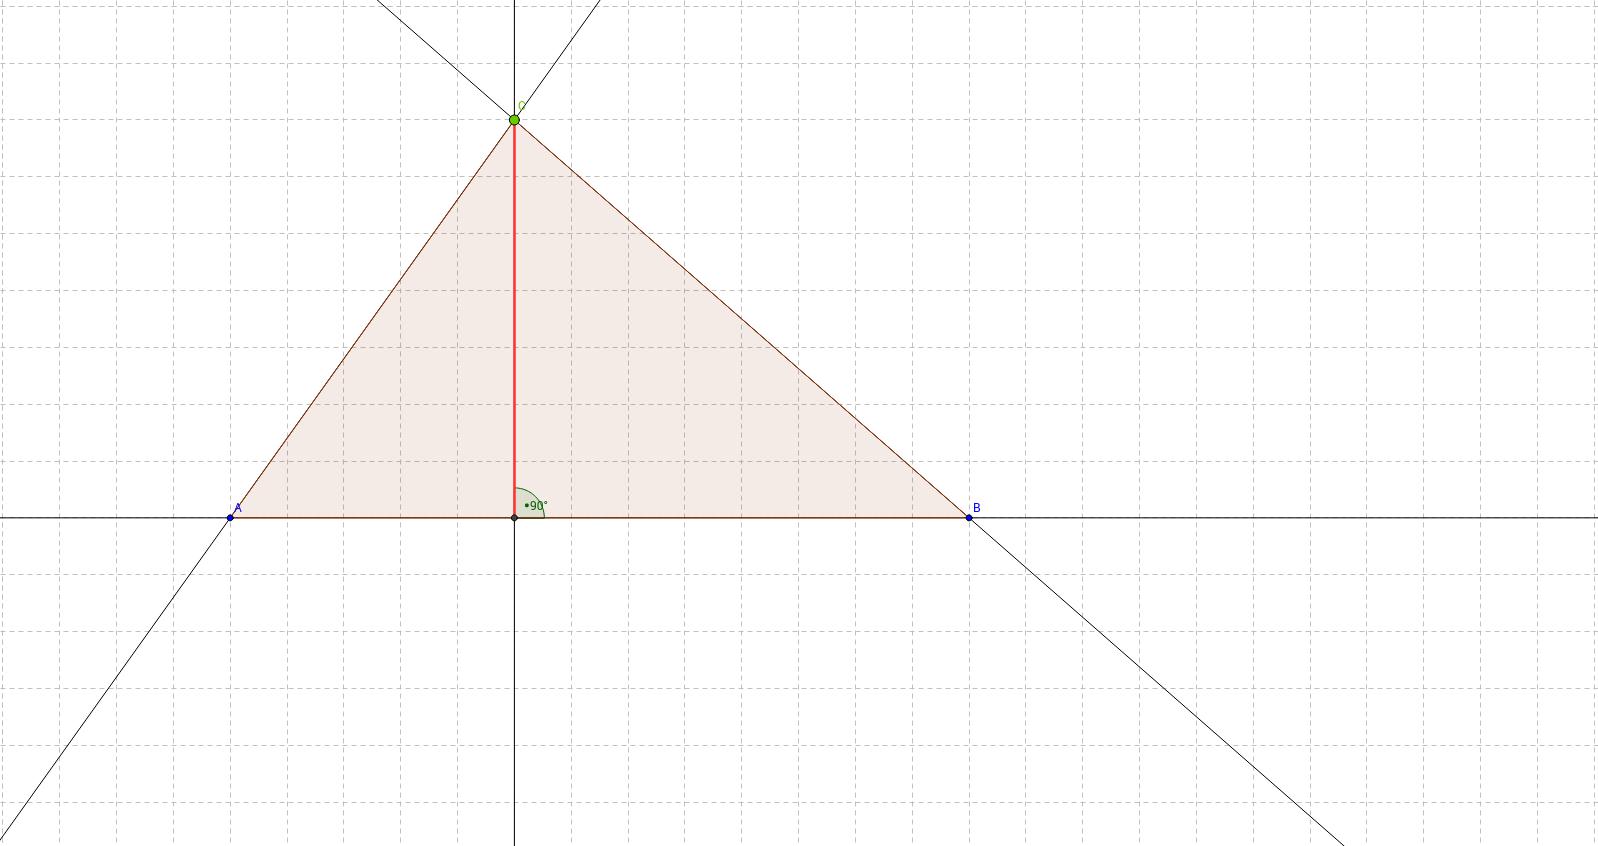 mb1 LU12 Dreieck: die Höhe